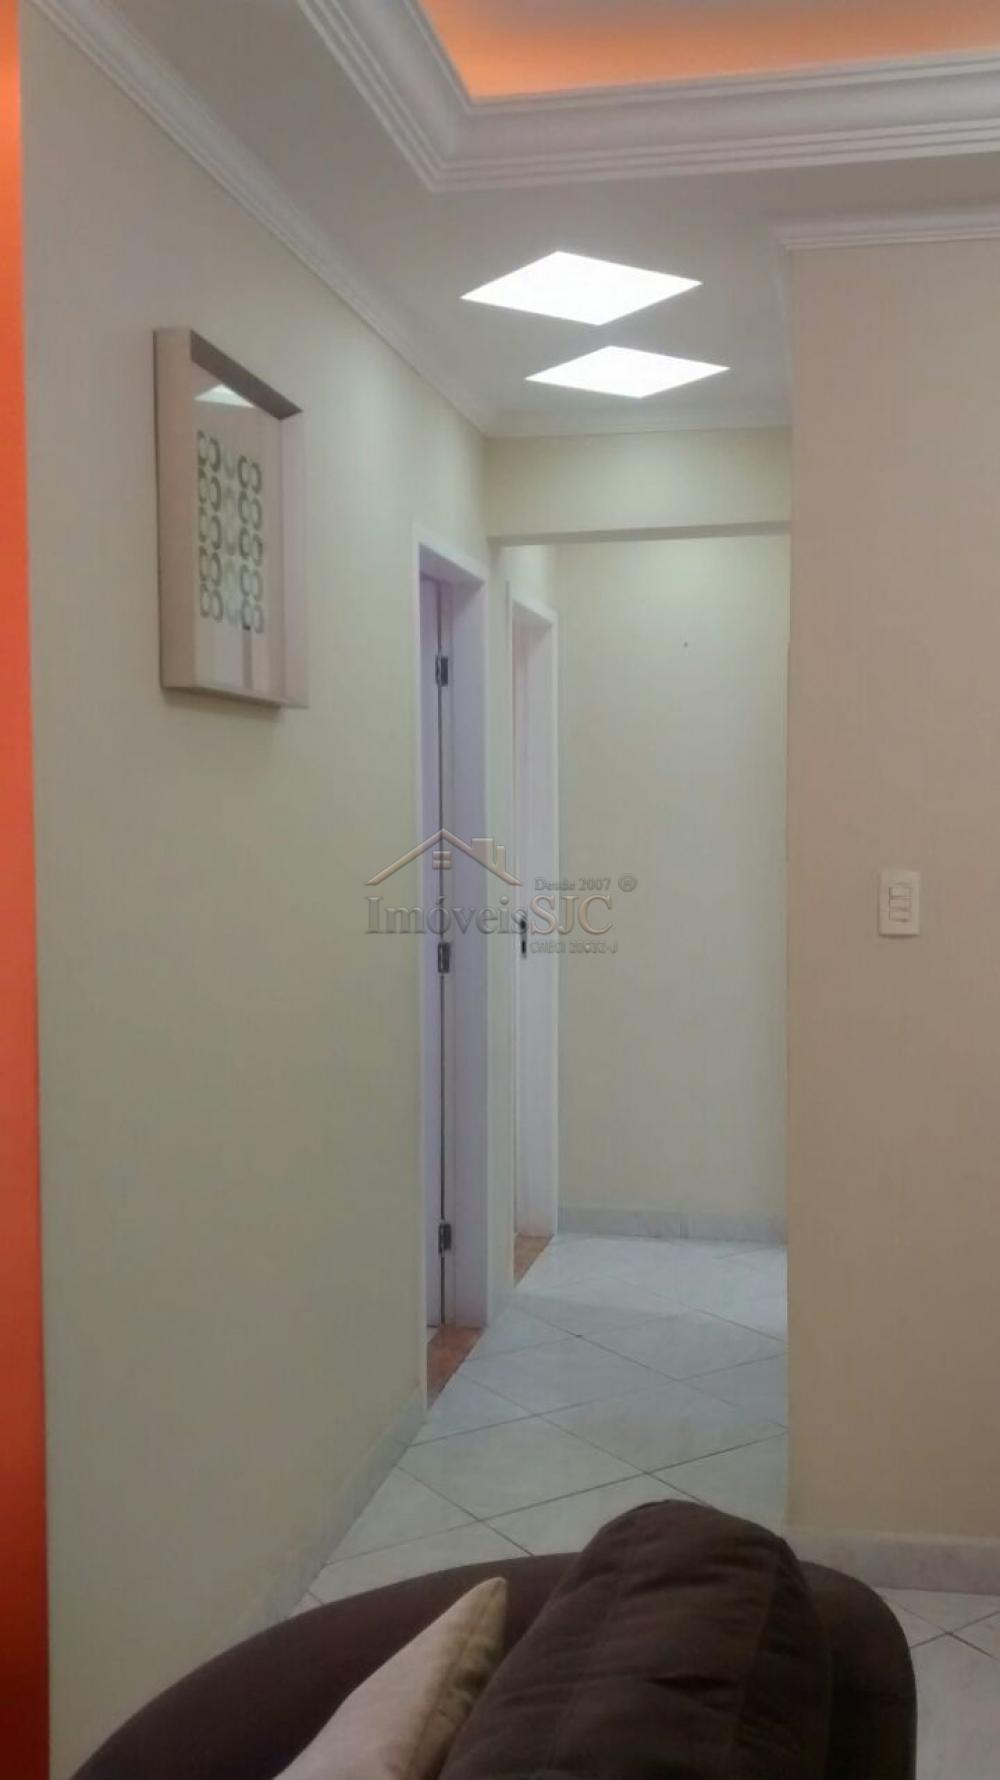 Comprar Apartamentos / Padrão em São José dos Campos apenas R$ 310.000,00 - Foto 1